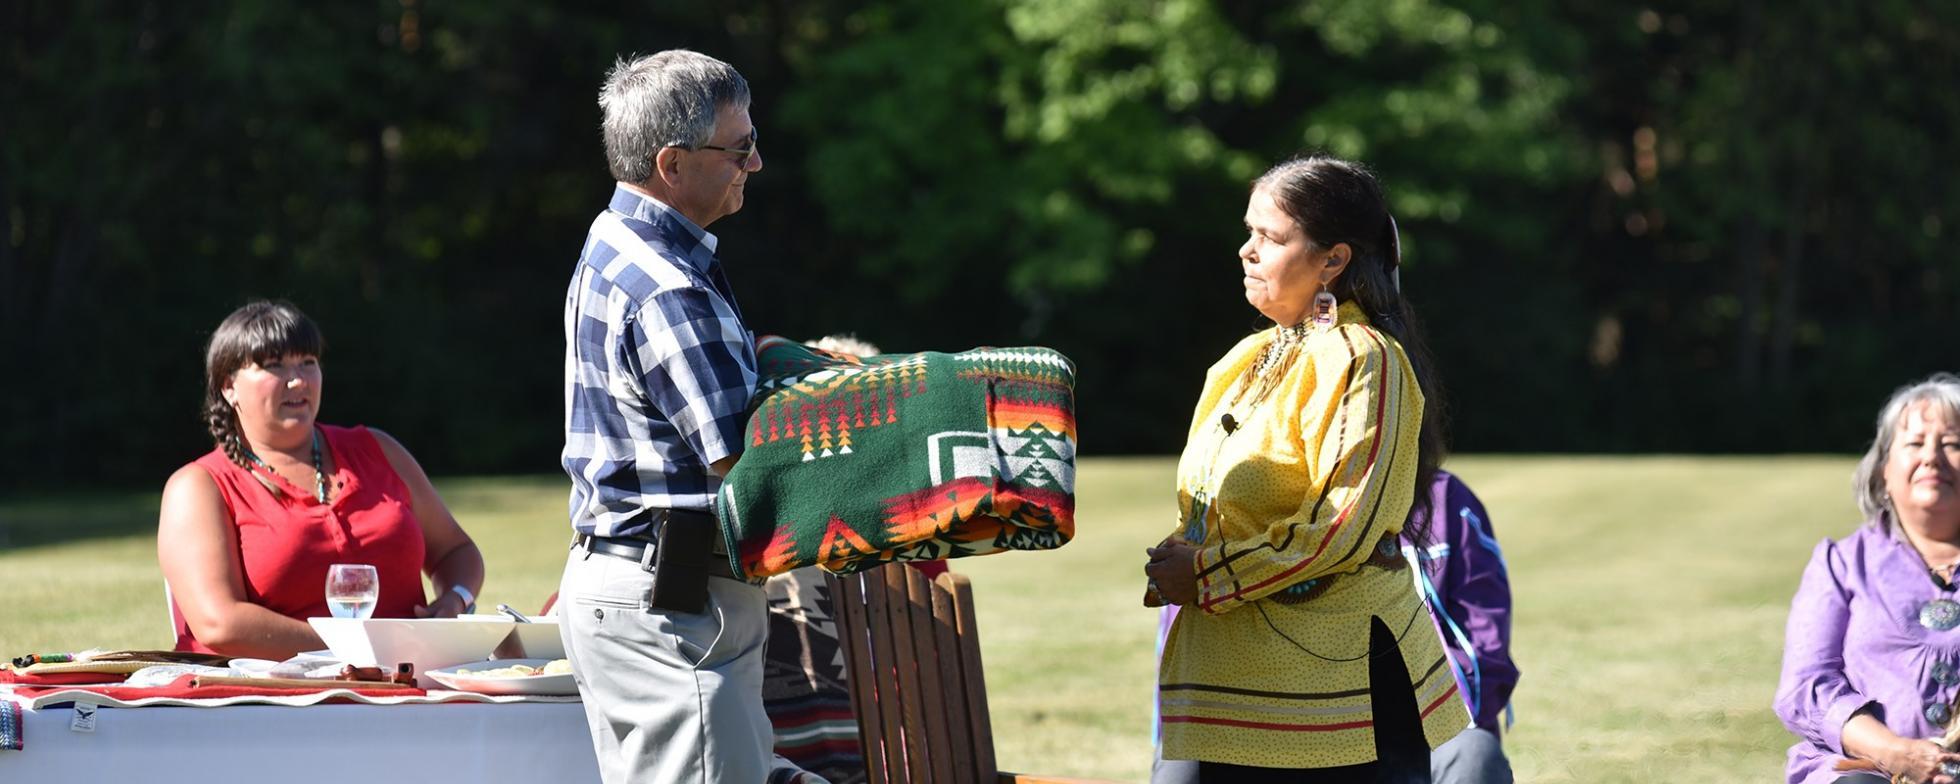 EN: A man is presenting a woman with a patterned blanket FR: Un homme présente une femme avec une couverture à motifs